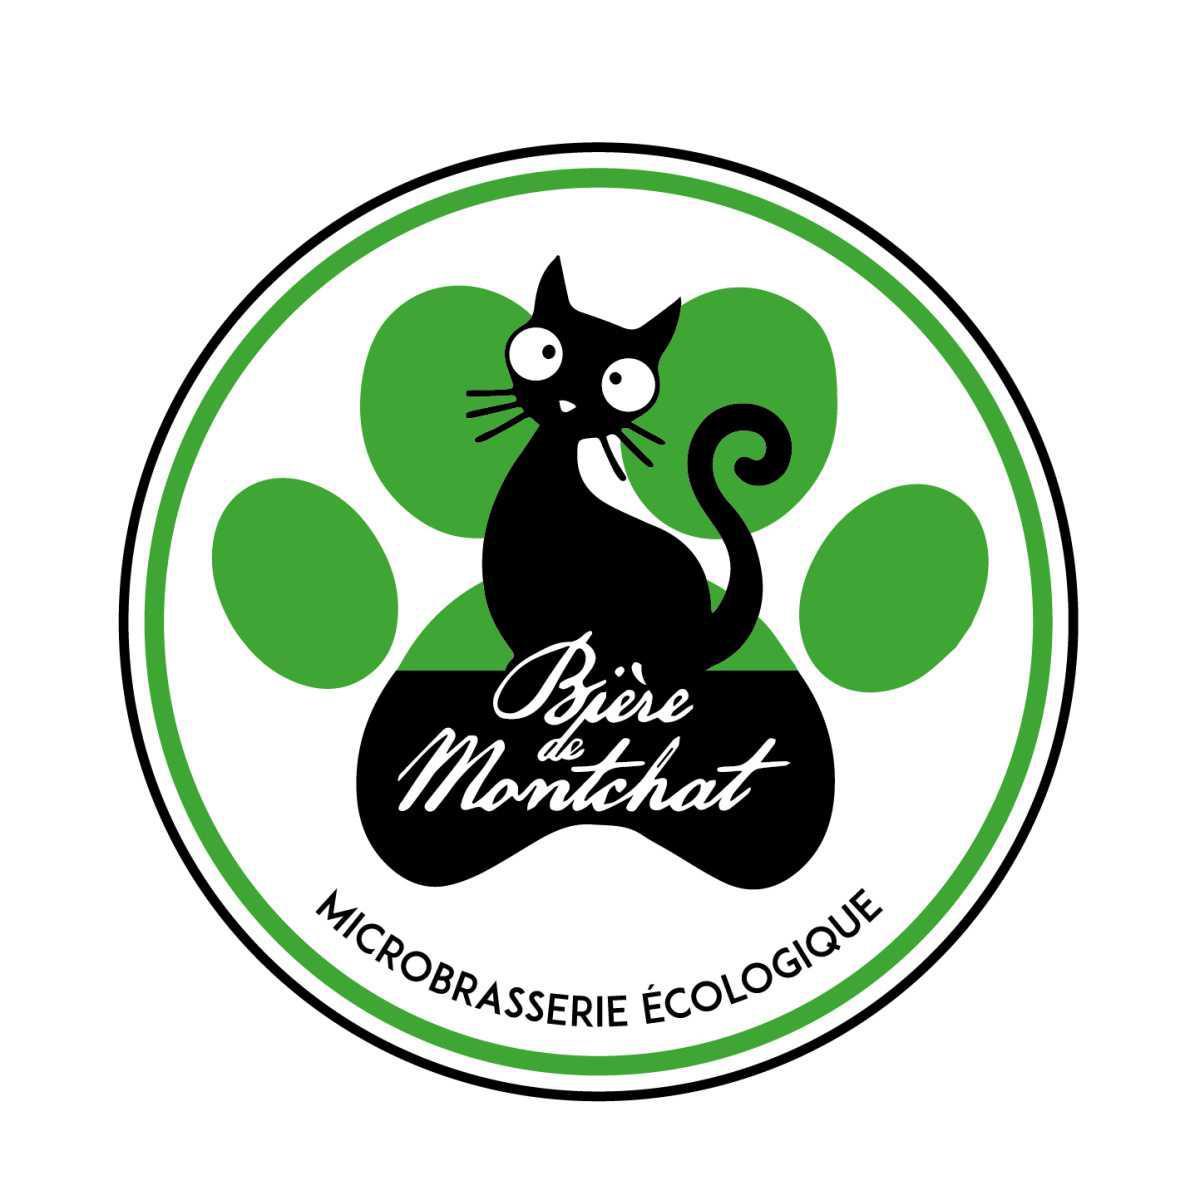 La Microbrasserie de Montchat rejoint l'association des commerçants de Monplaisir !